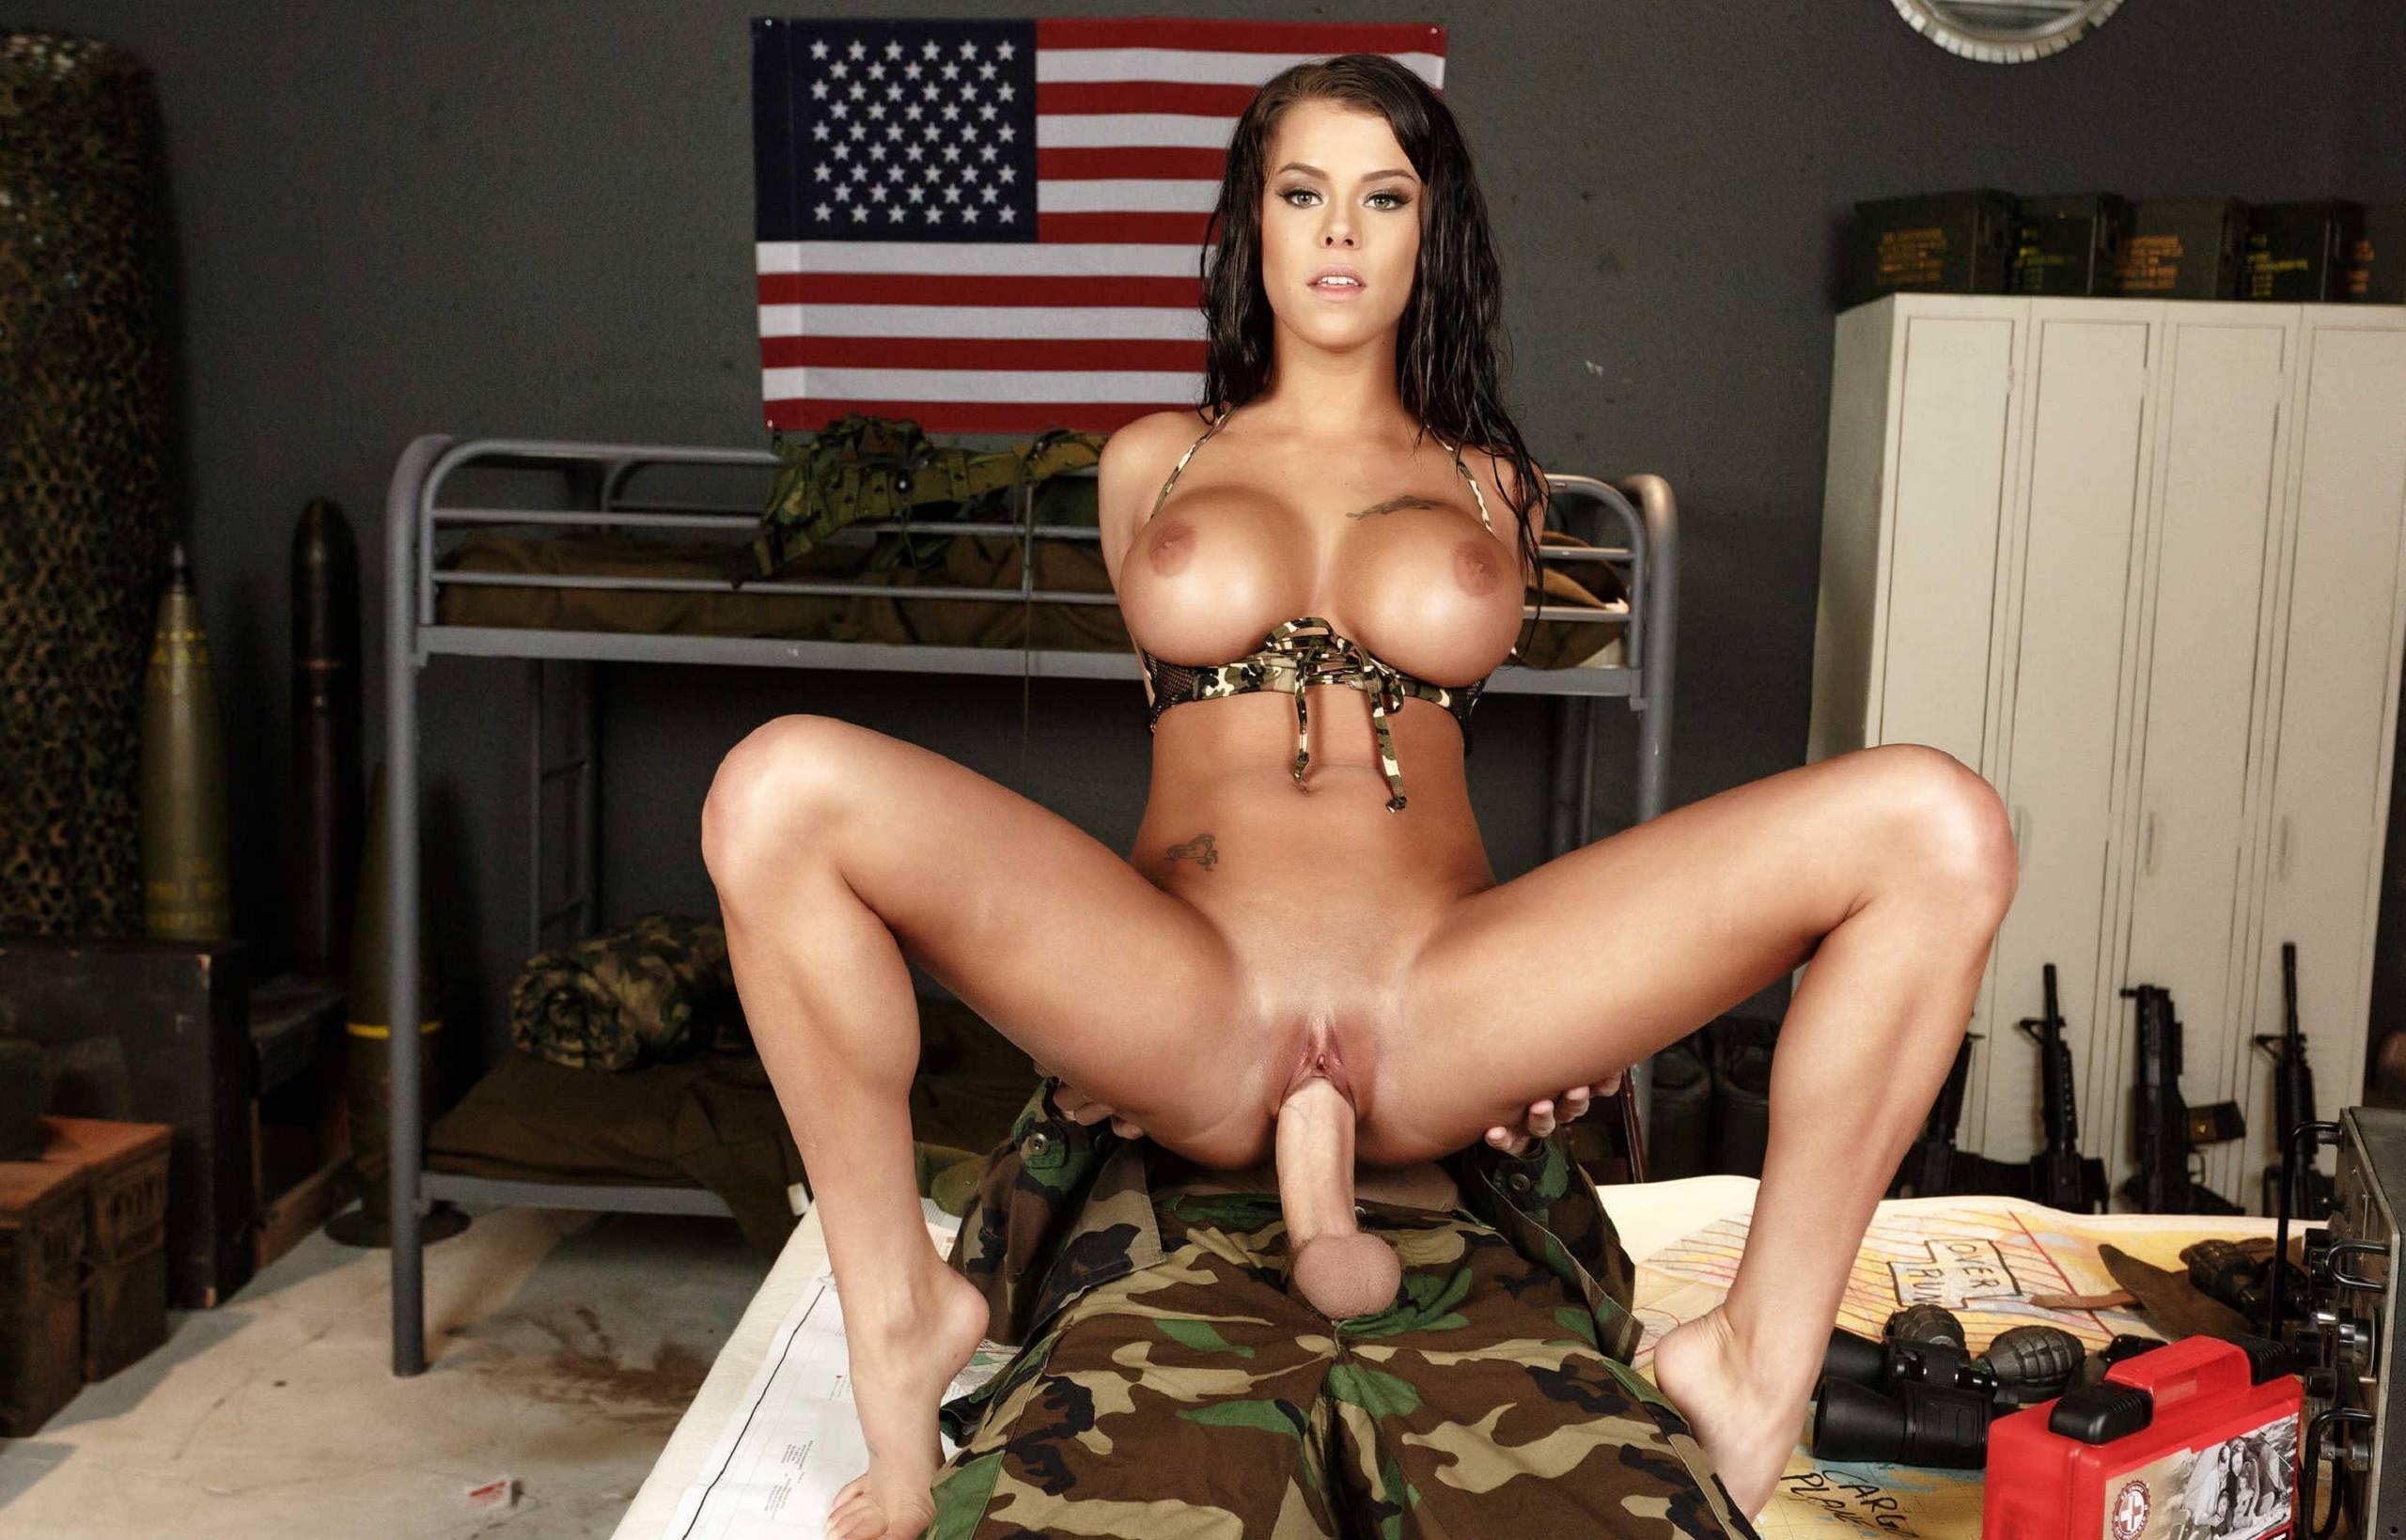 Фото Горячая брюнетка трахается с солдатом в казармах, большие круглые сиськи, секс с военным на базе США, скачать картинку бесплатно